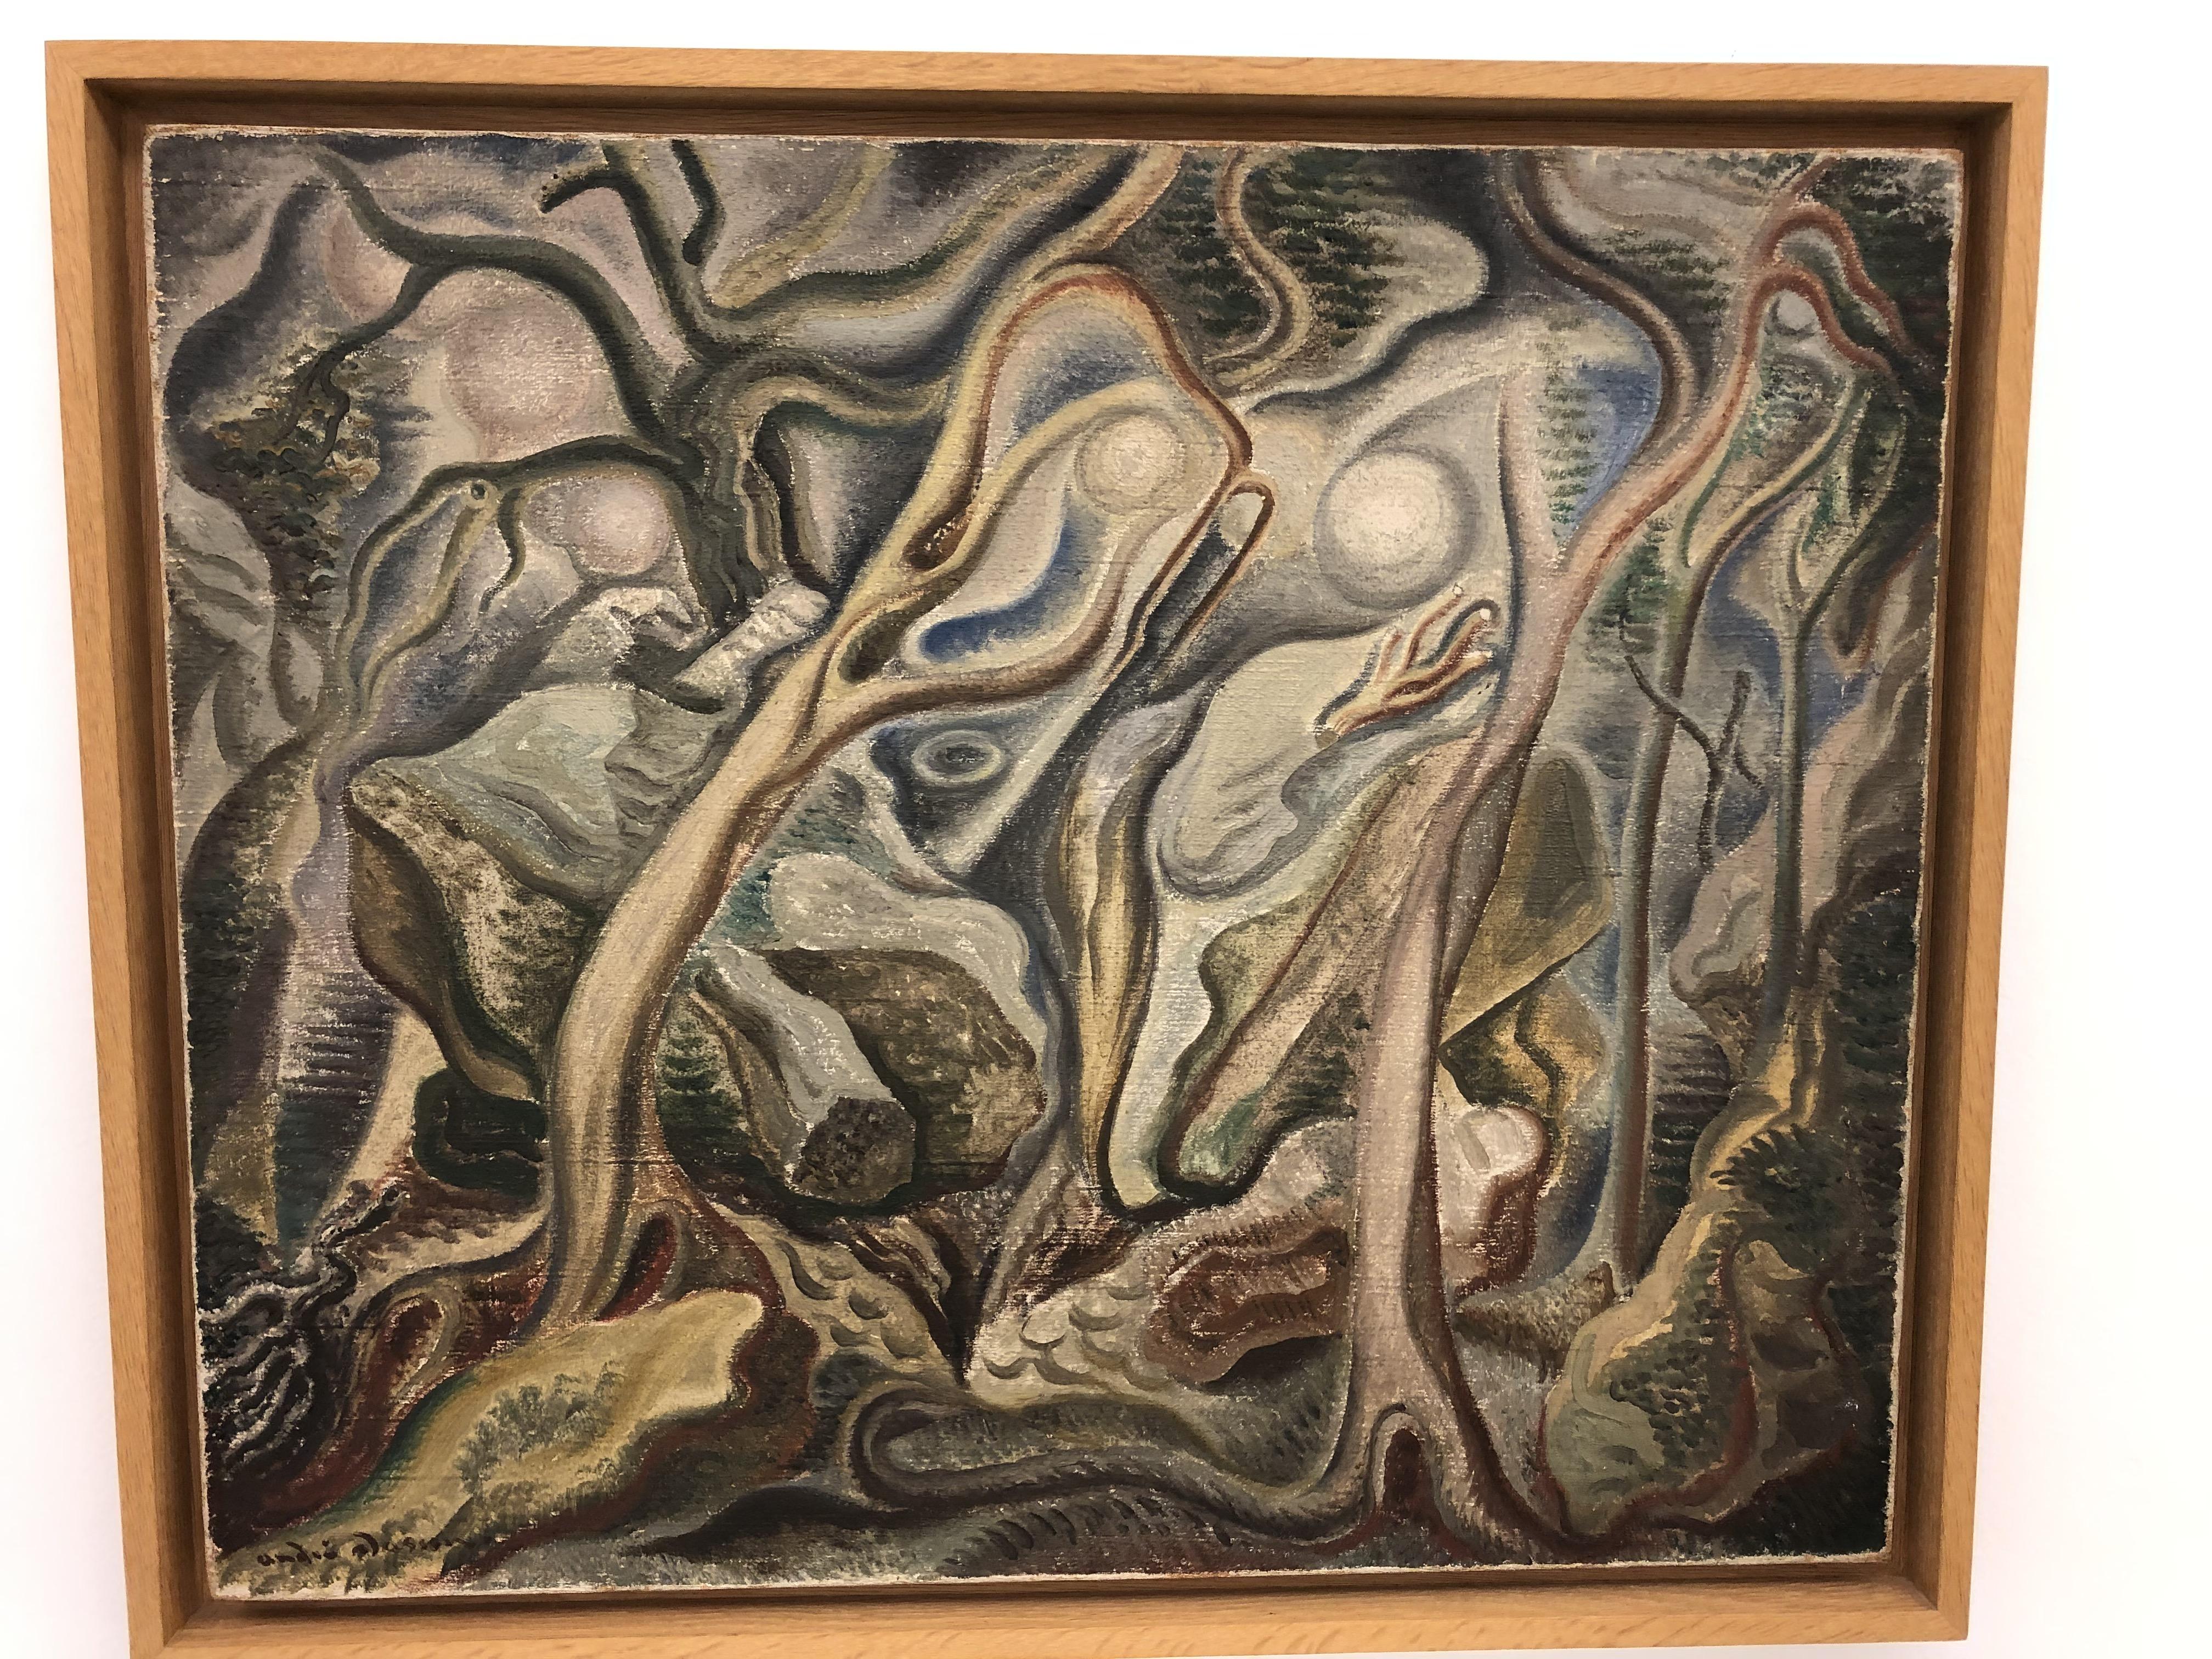 A. Masson. L'orage. 1924